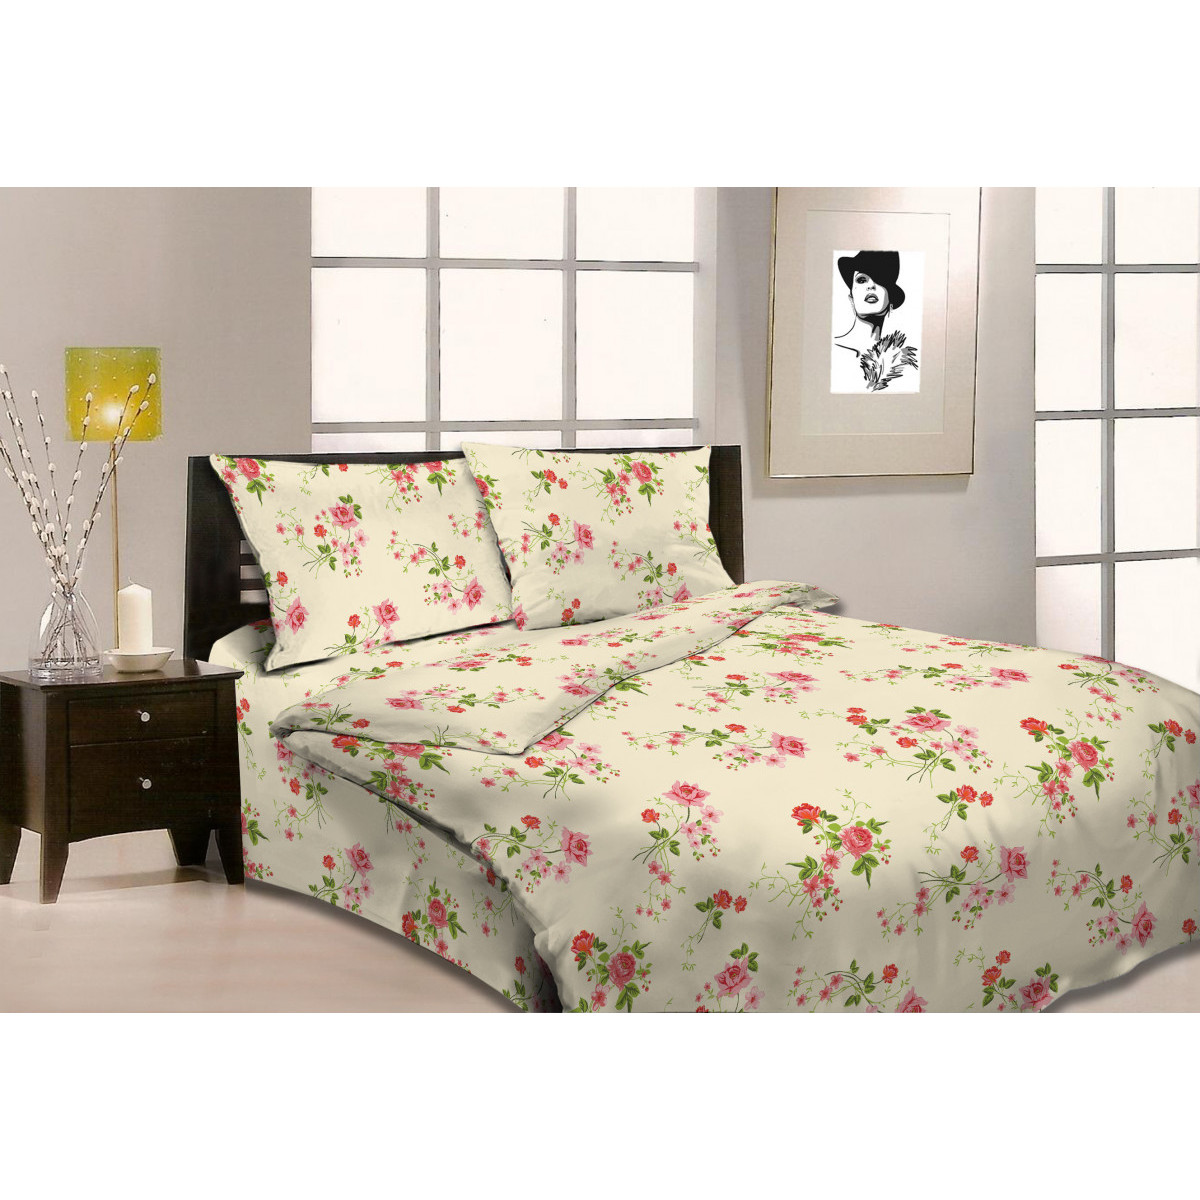 Комлплект постельного белья полутораспальный «Queen Butterfly» бязь 50x70 см